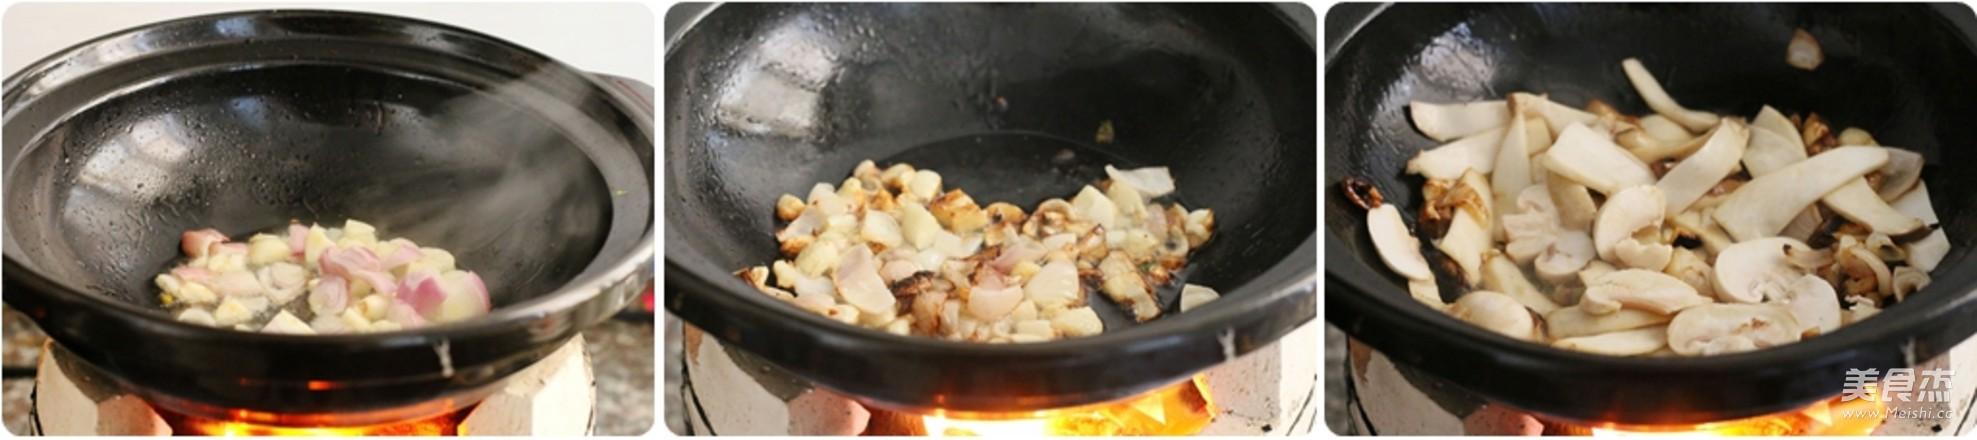 砂锅羊肉粉丝煲怎么吃